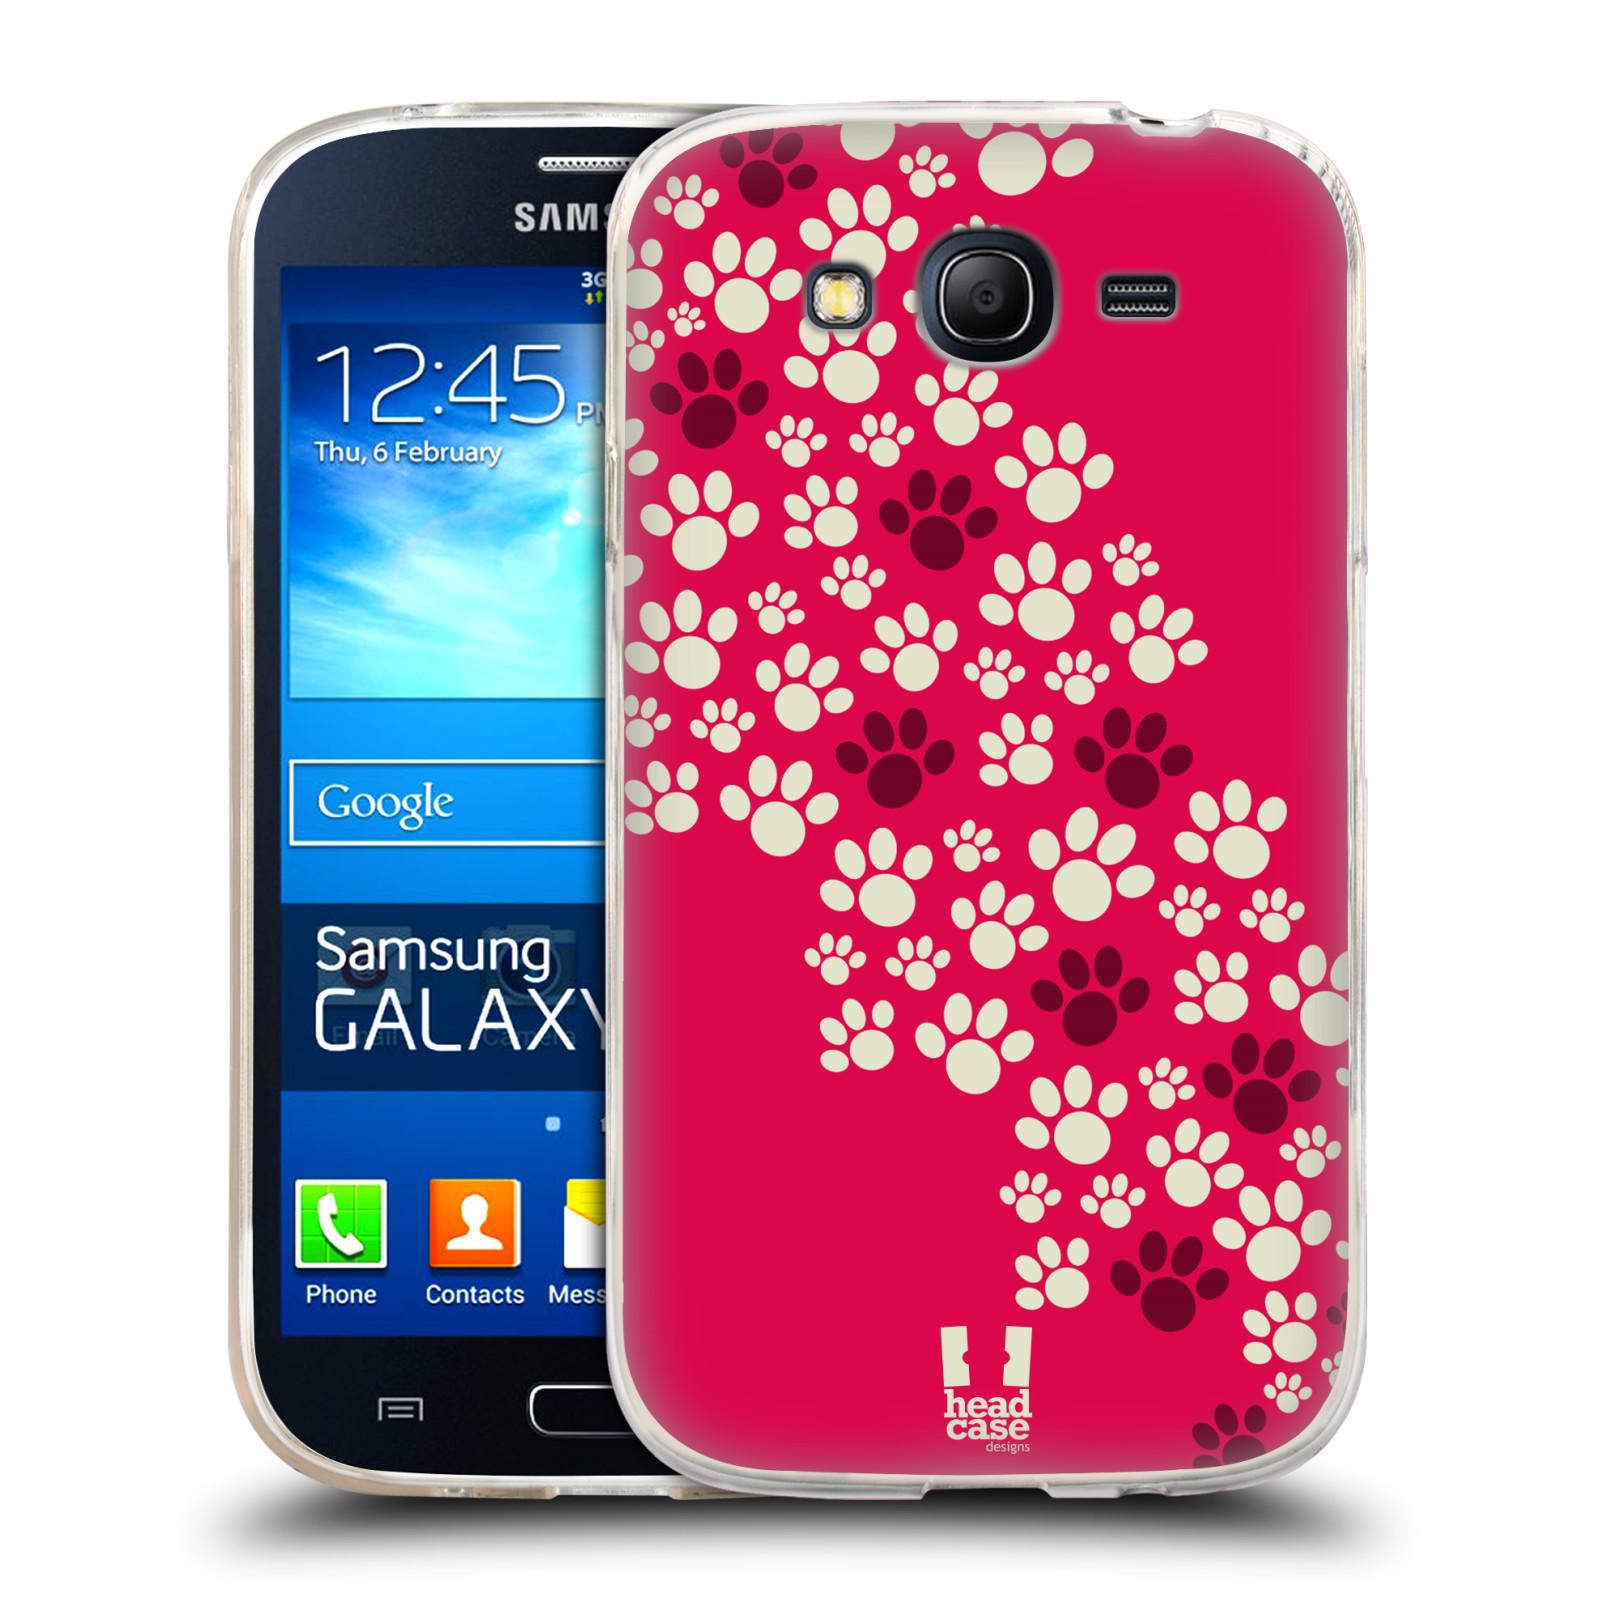 Silikonové pouzdro na mobil Samsung Galaxy Grand Neo HEAD CASE TLAPKY RŮŽOVÉ (Silikonový kryt či obal na mobilní telefon Samsung Galaxy Grand Neo GT-I9060)